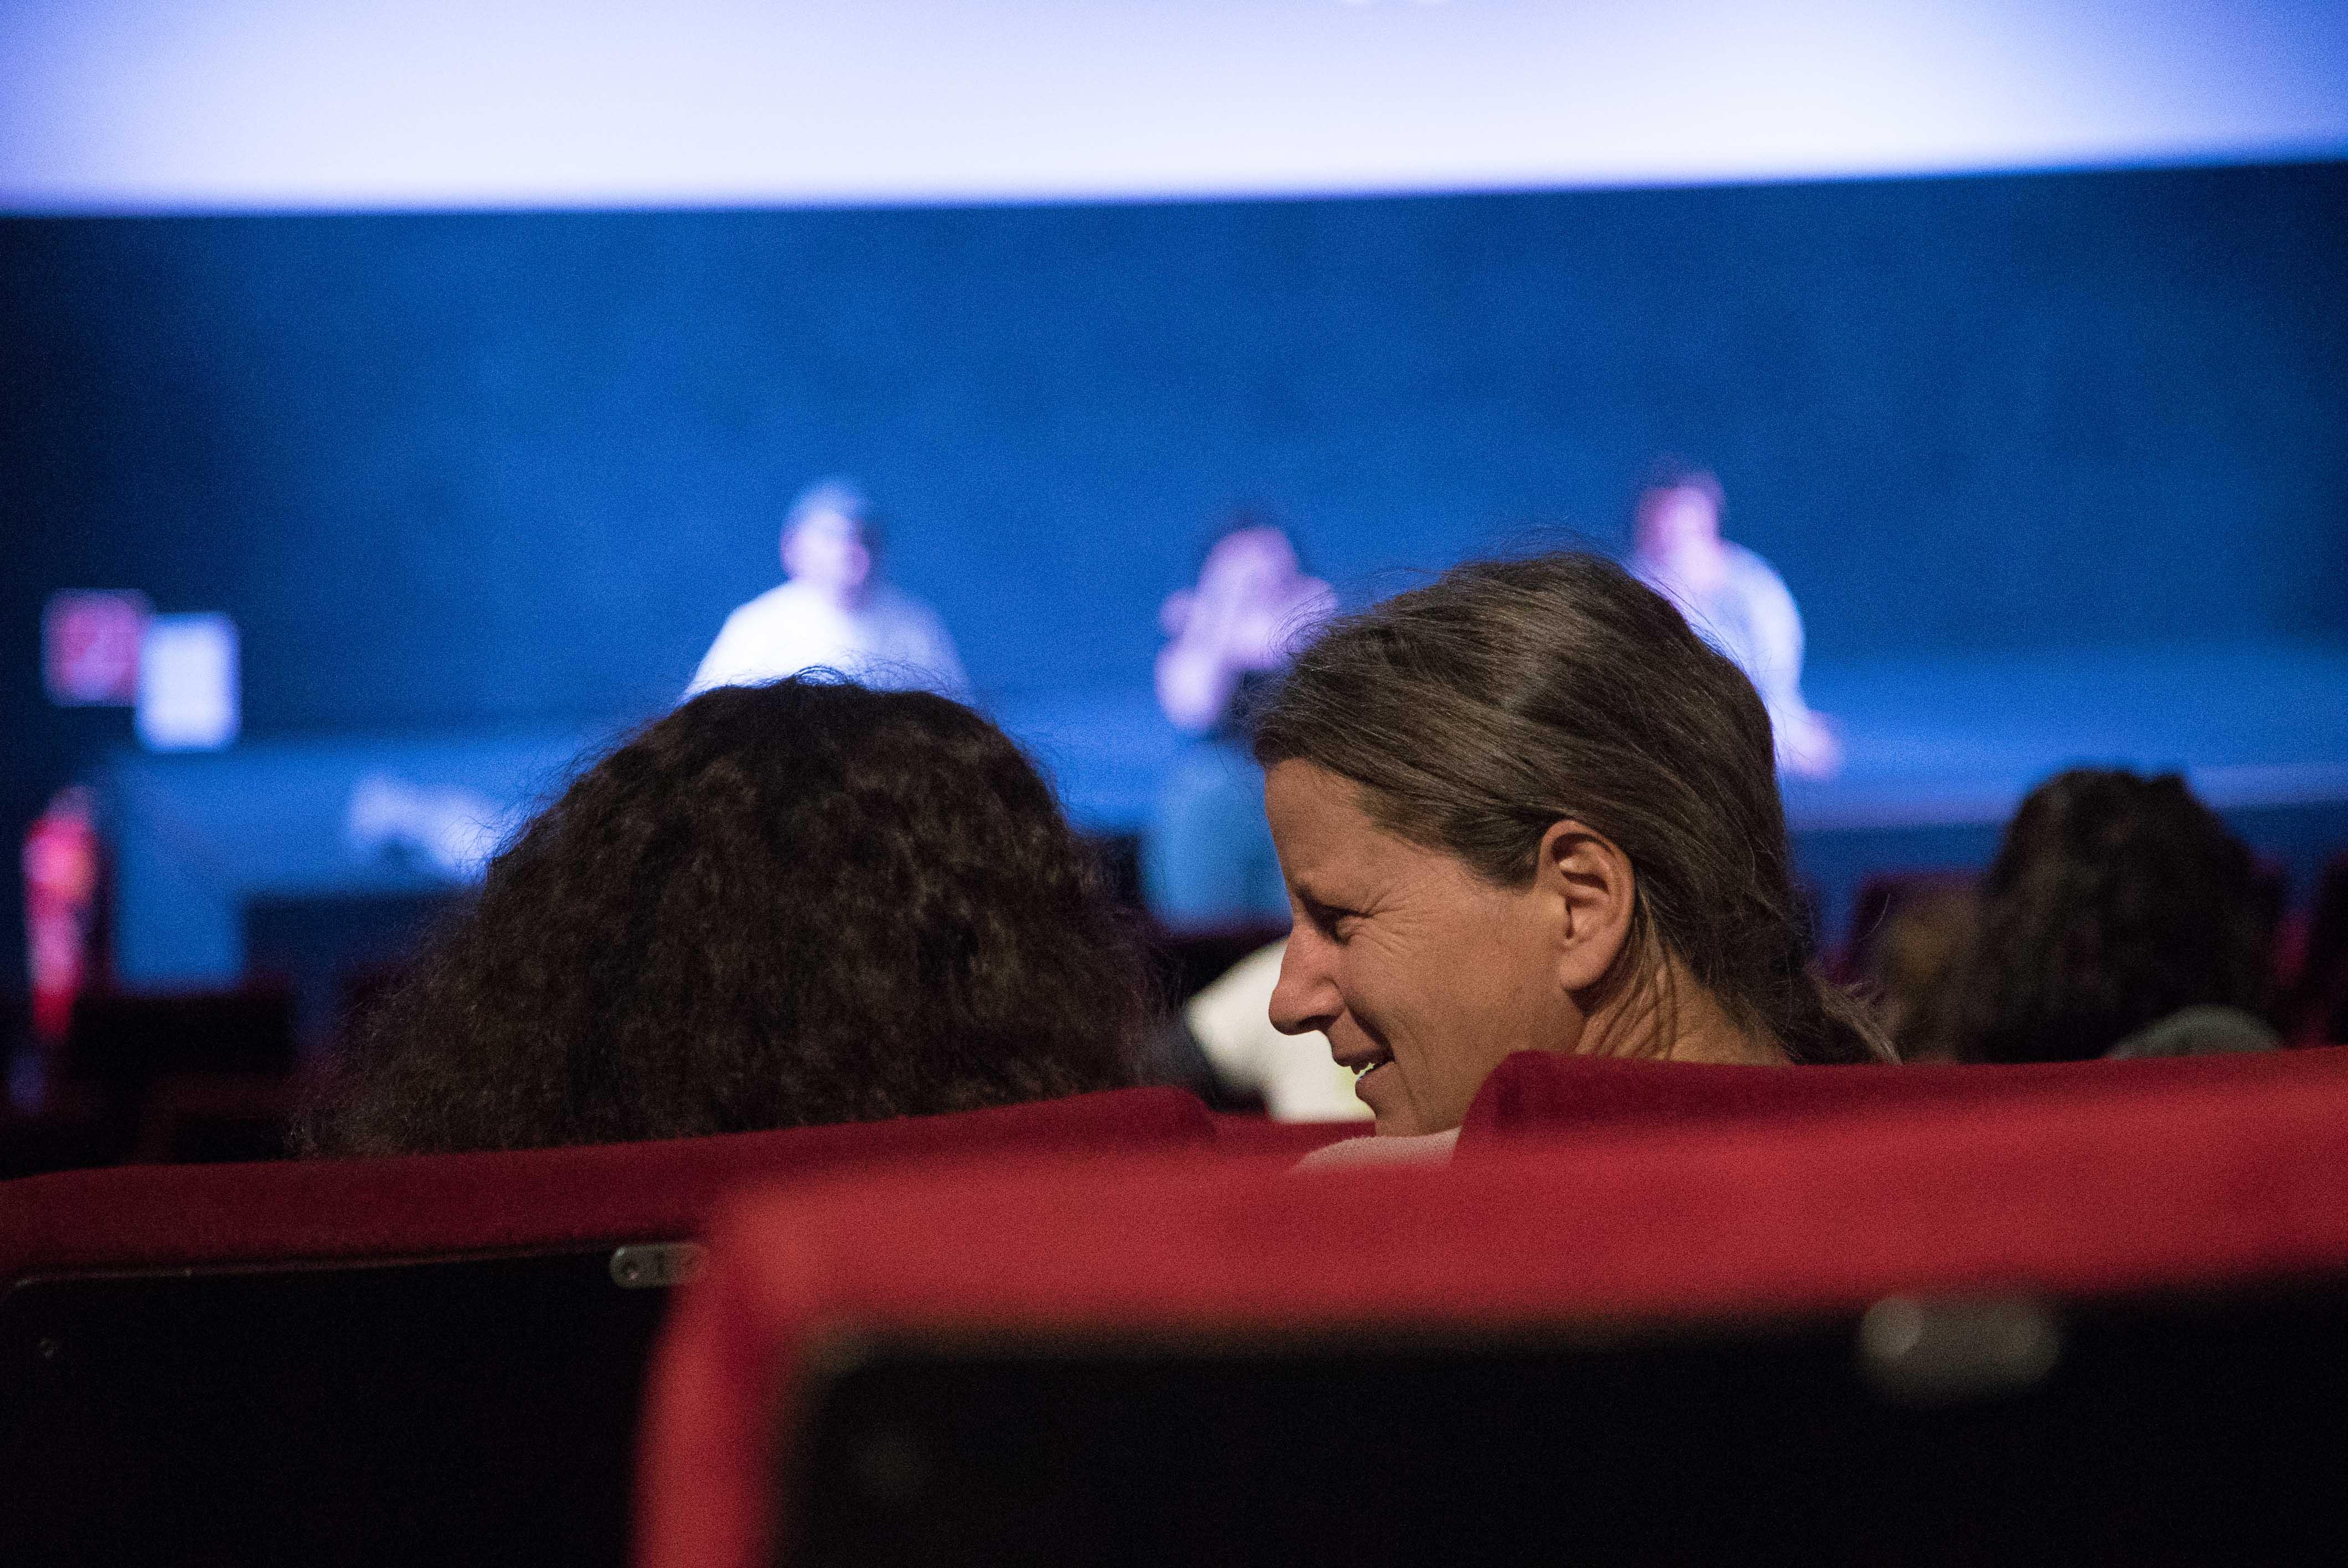 Cinema Talks